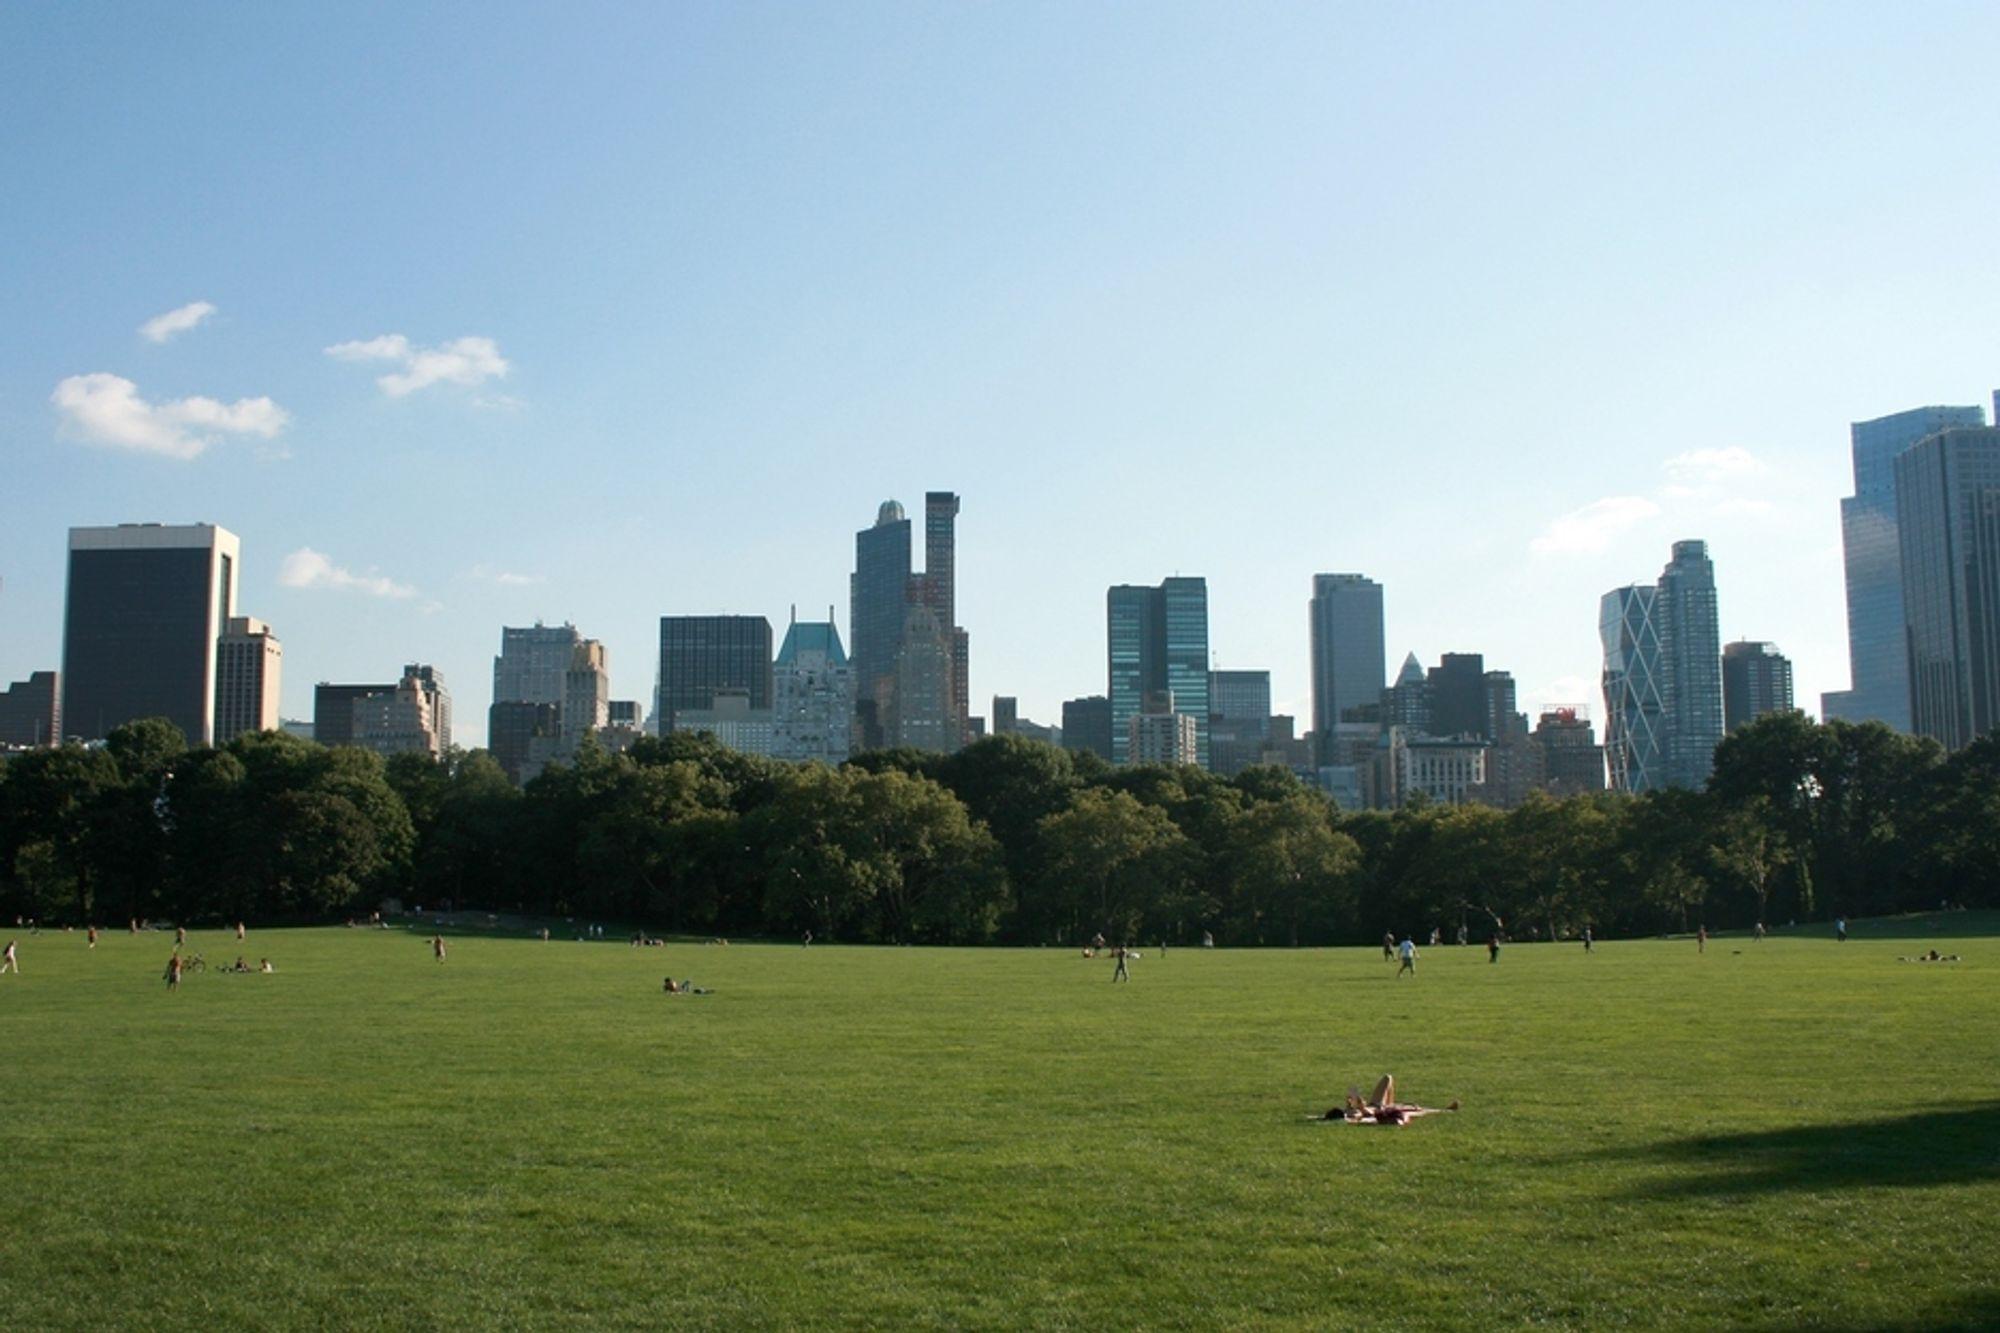 TVILER: Rundt halvparten av alle amerikanere mener bekymringen for klimaendringer er overdrevet. Illustrasjonsfoto fra Central Park, New York.